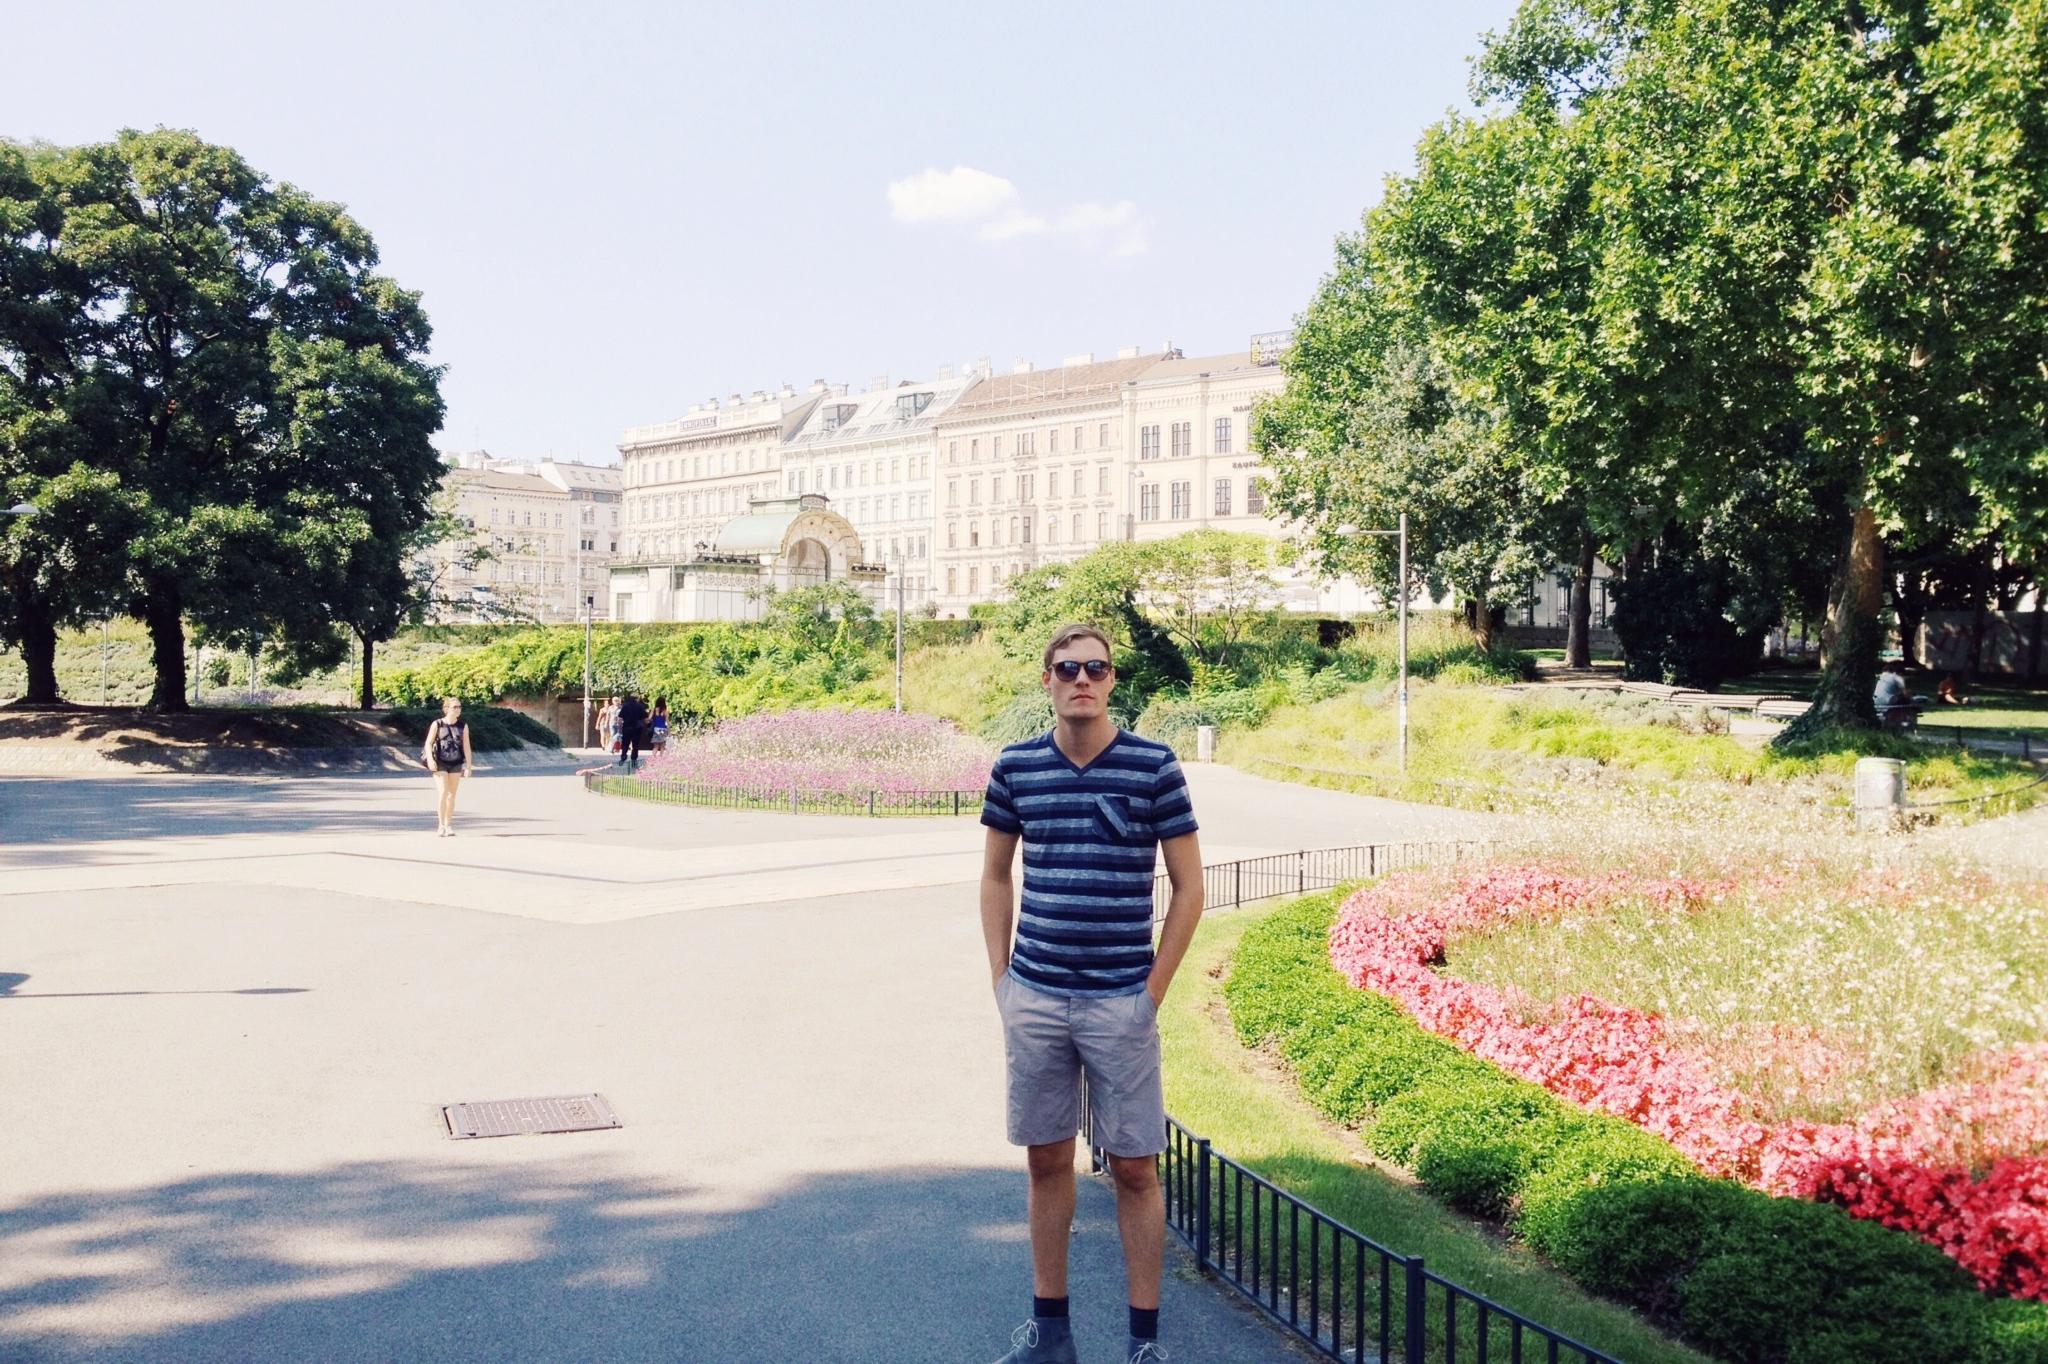 Jacob at Karlsplatz